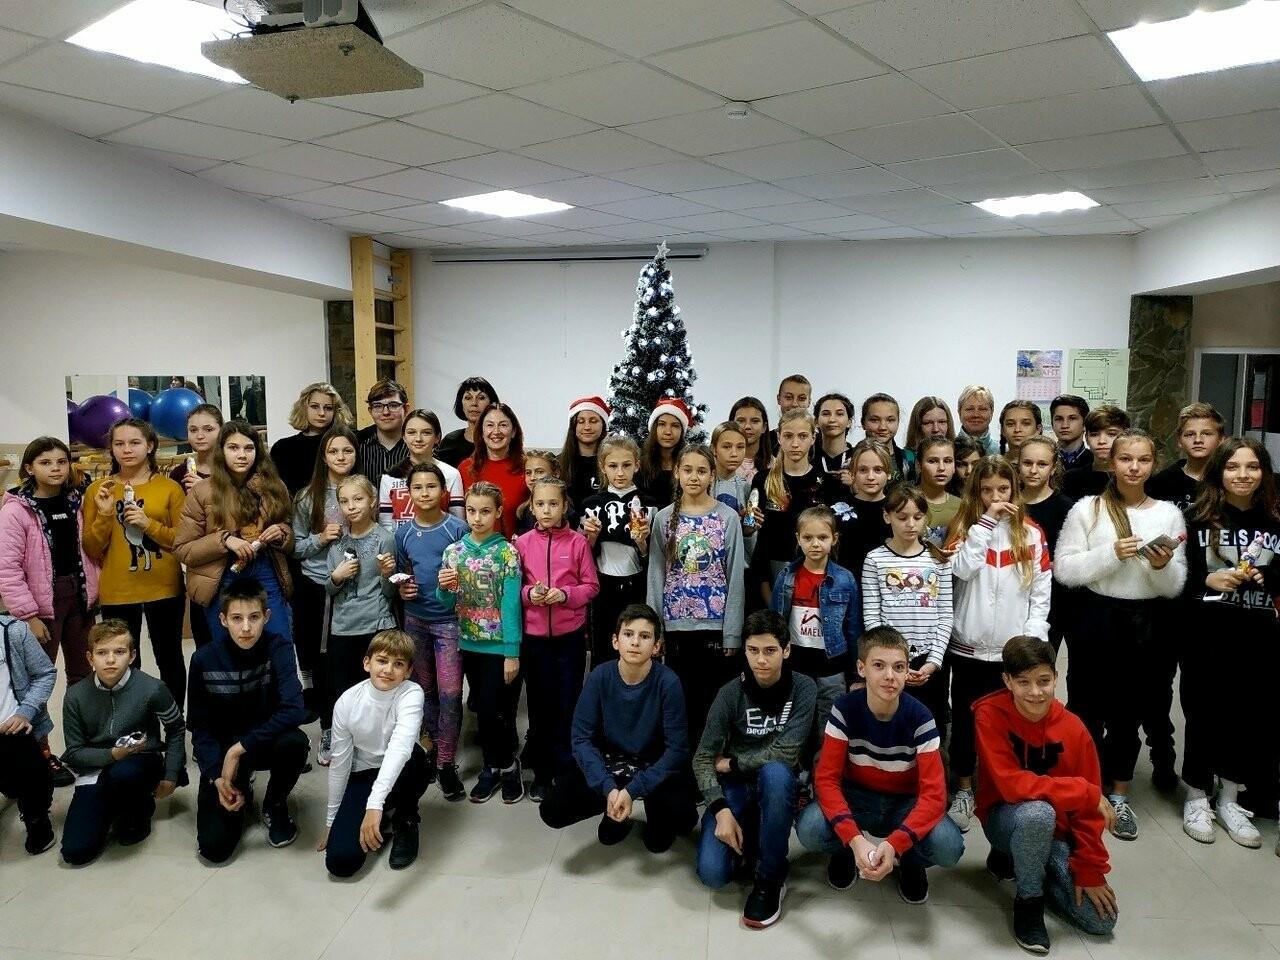 Юных легкоатлетов Ялты поздравили с Днем Святого Николая, фото-3